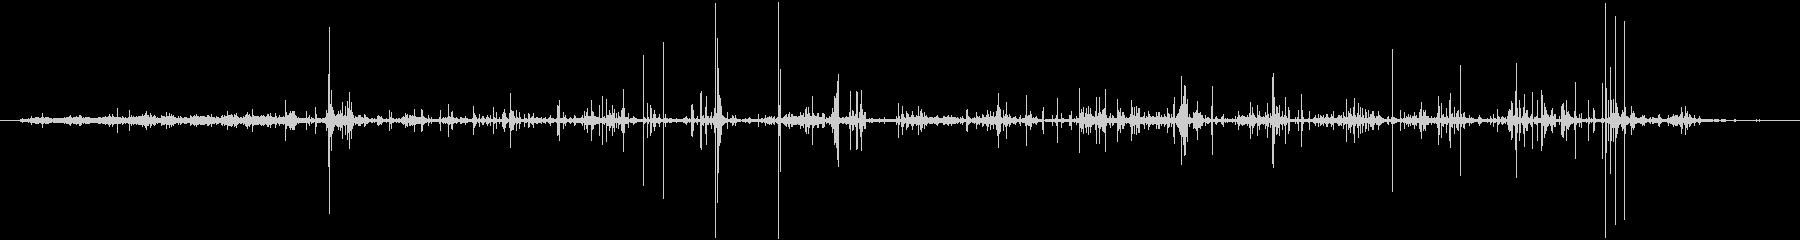 カサカサ(落花生の殻ASMR)Aの未再生の波形